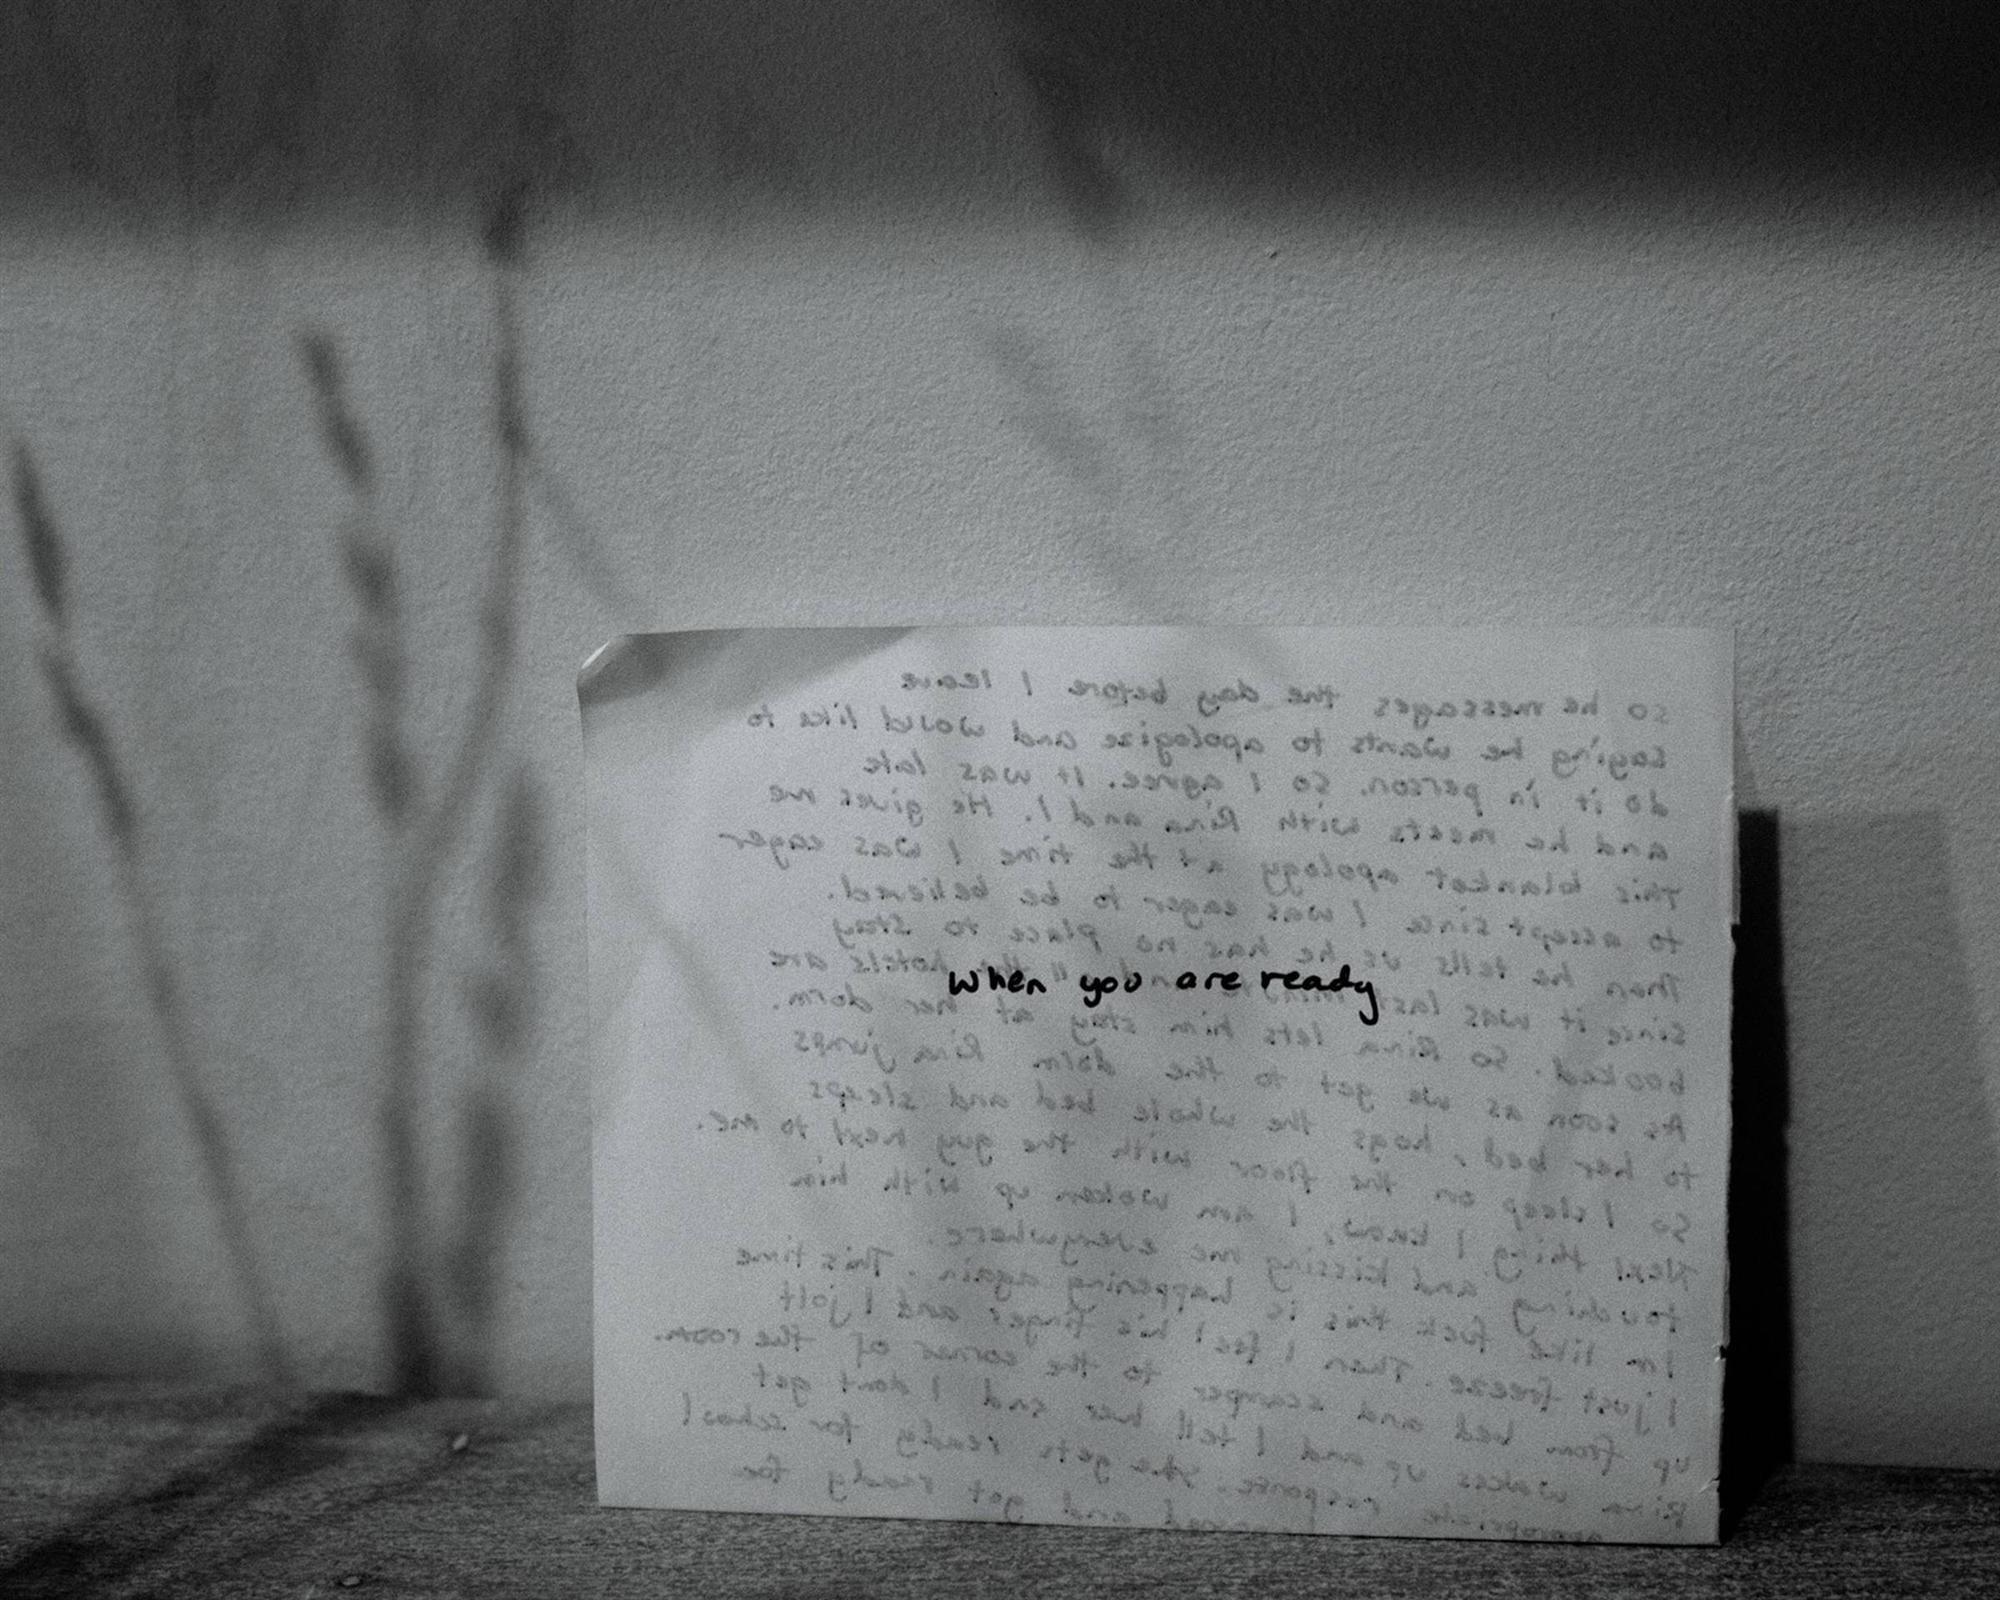 Nhật ký qua ảnh đầy xúc cảm của nữ y tá bị cưỡng hiếp và phải tự mình tìm lấy ánh sáng giữa hố sâu tăm tối-6